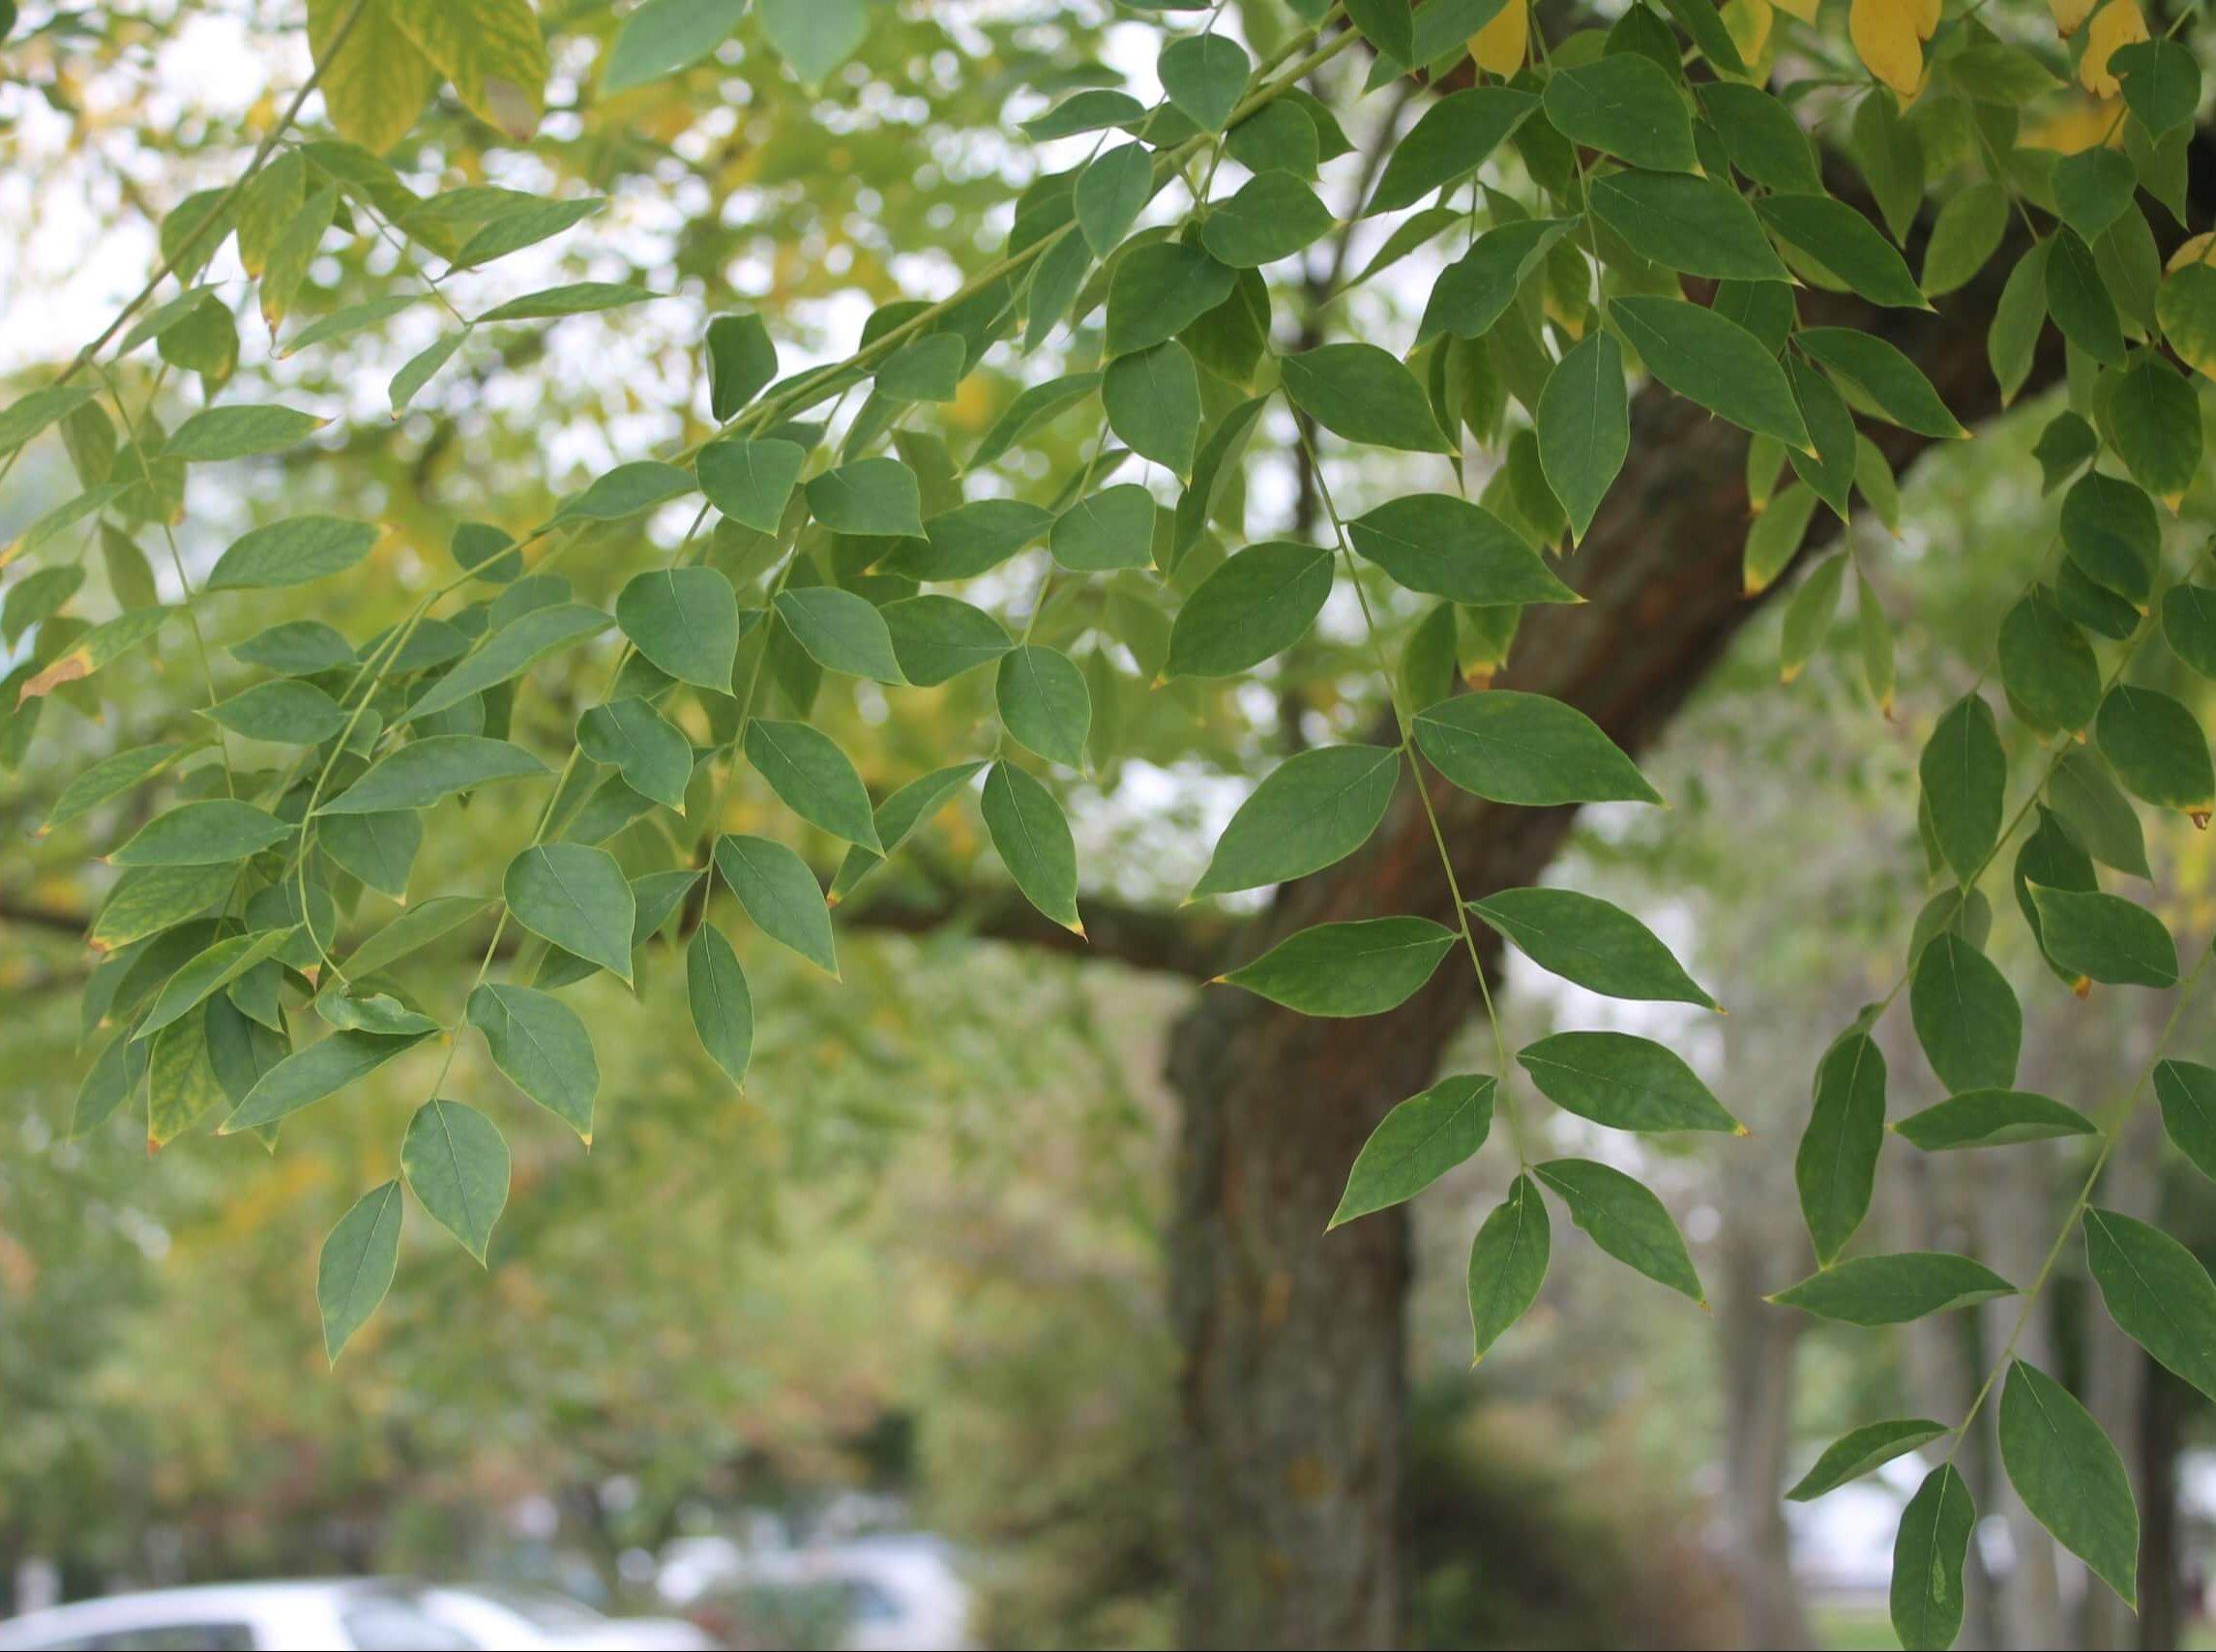 Das Bild zeigt die Fiederblätter mit paarig angeordneten Fiederblättchen eines Kentucky-Geweihbaumes an der Schönefelder Chaussee.